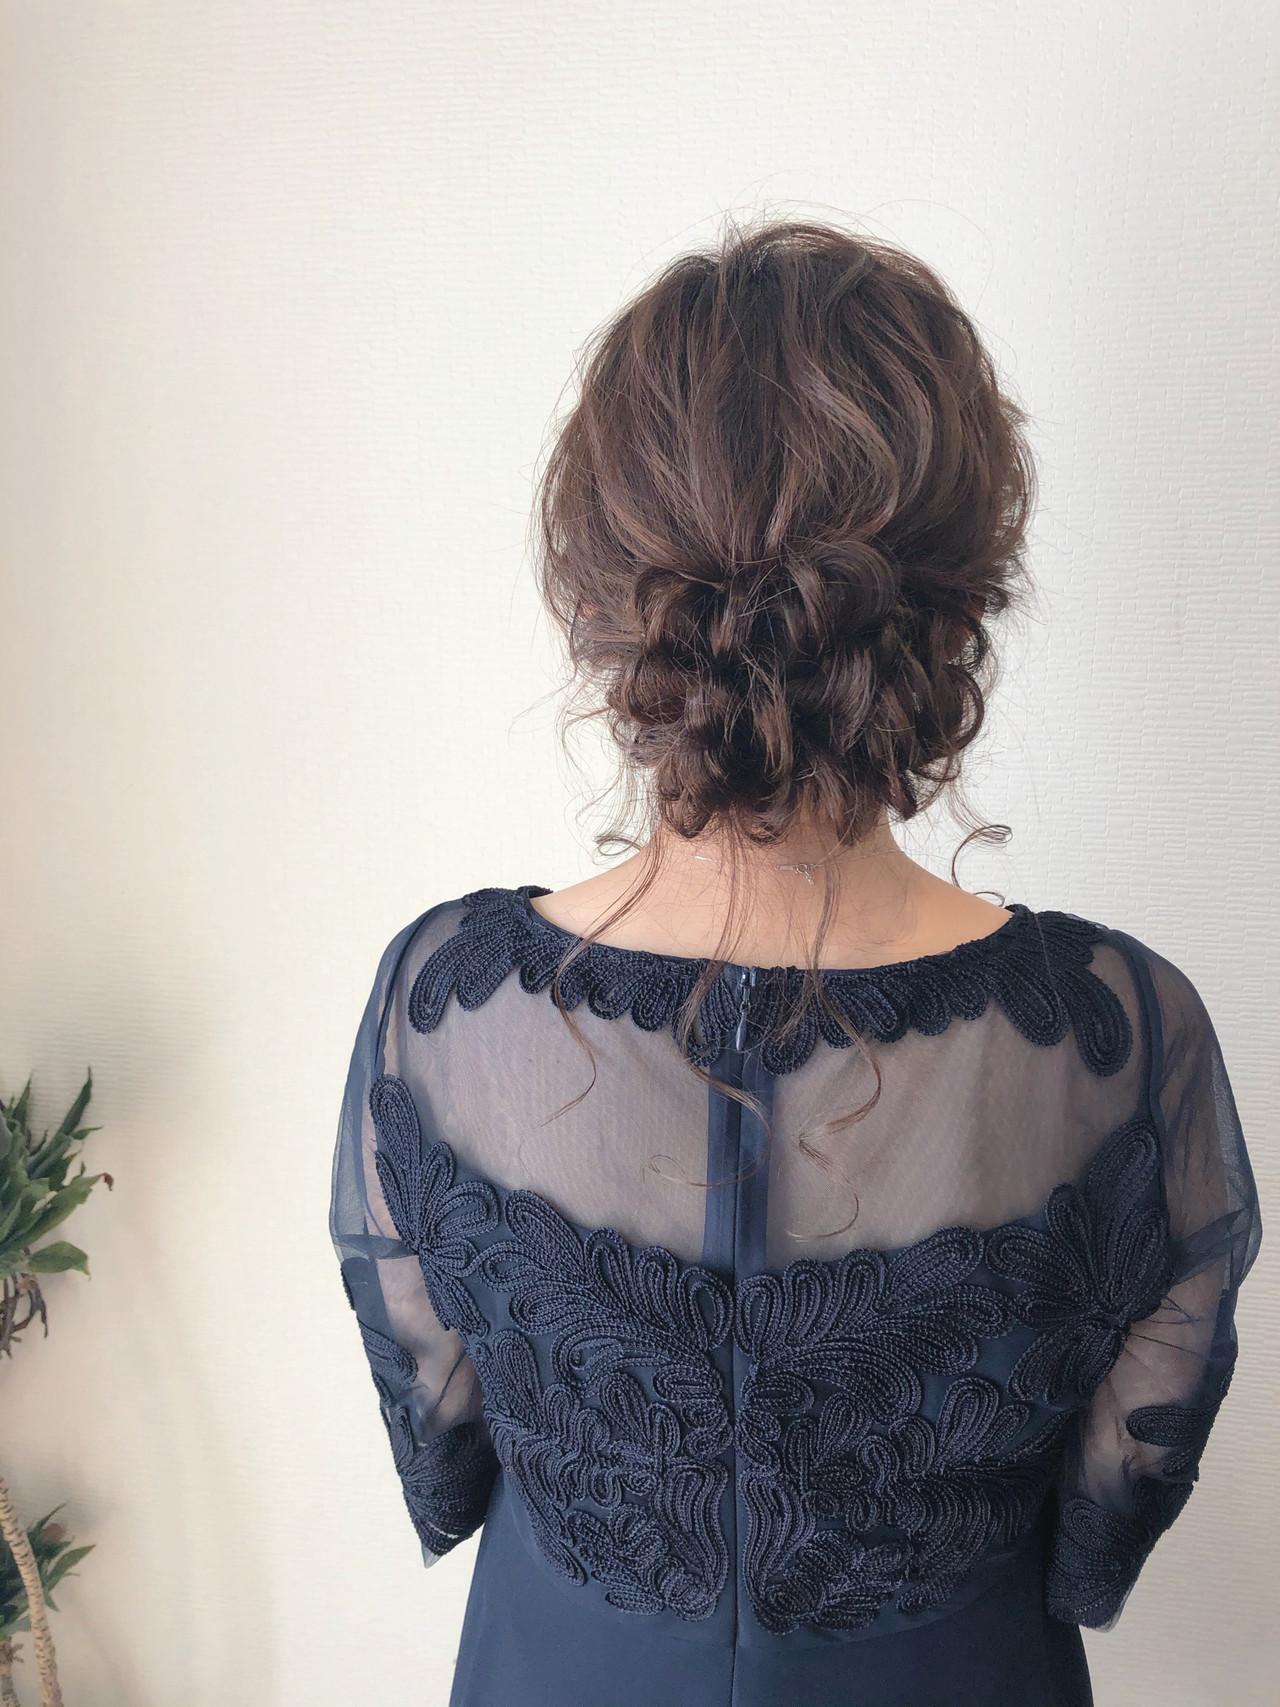 ミディアム アップスタイル ヘアセット 結婚式 ヘアスタイルや髪型の写真・画像